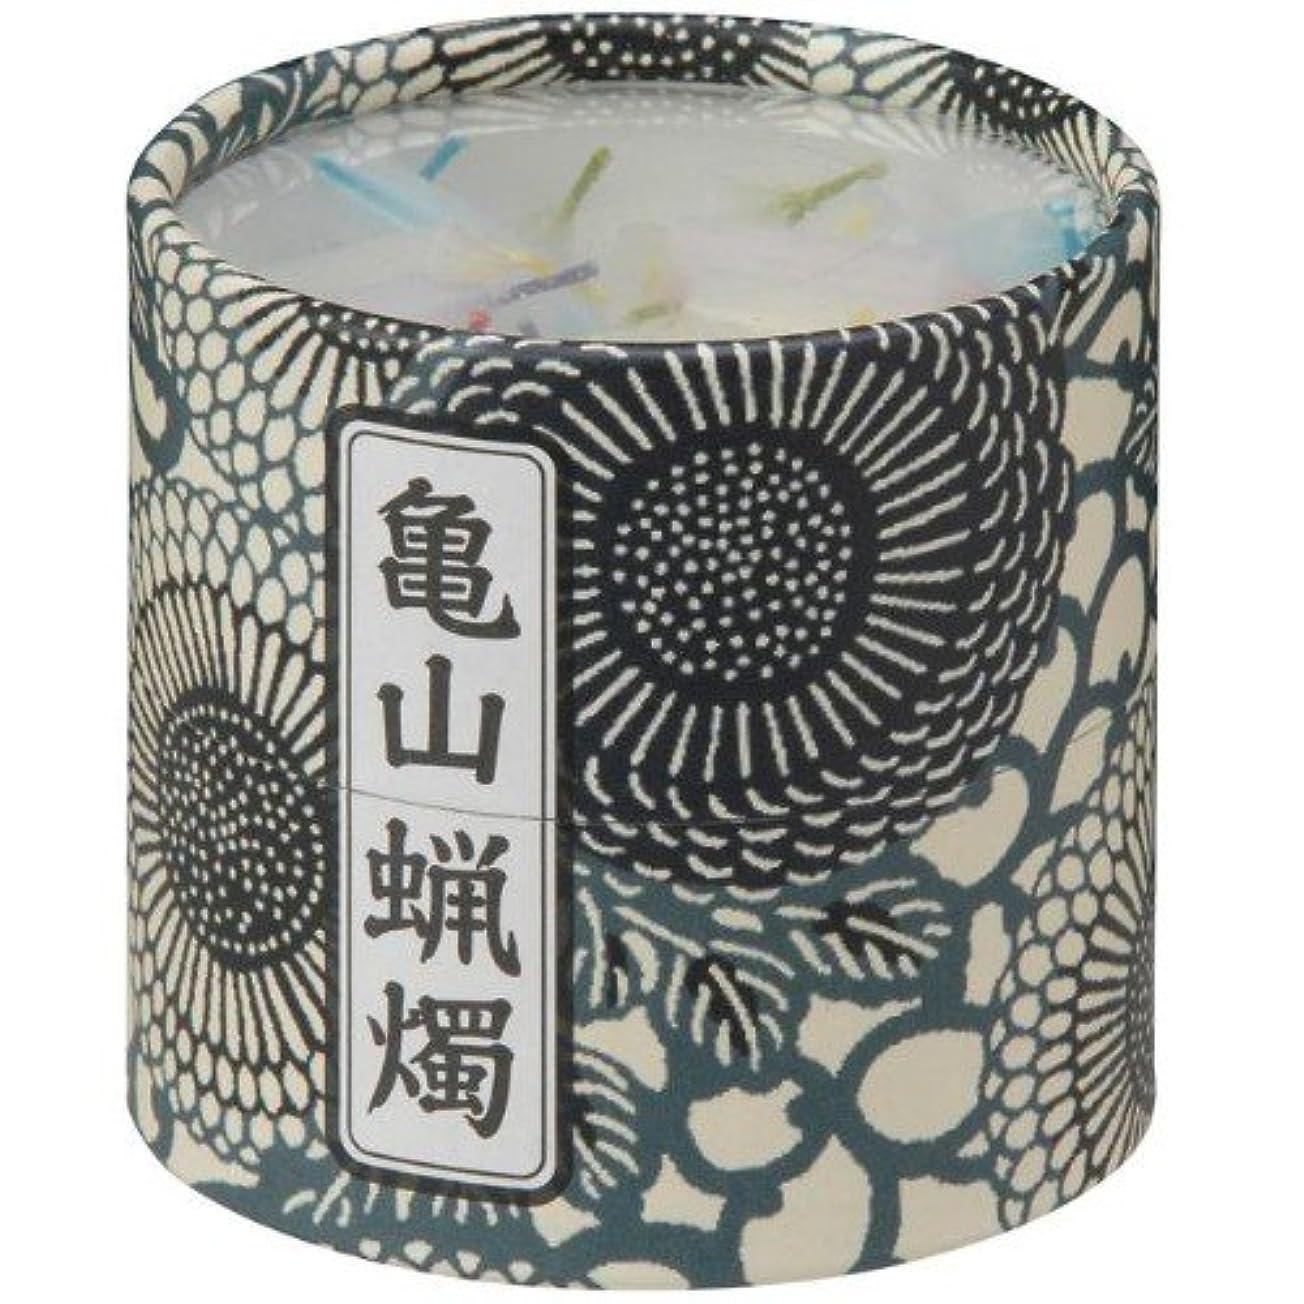 変装ハウジング短命亀山五色蝋燭(小) 約130本入り